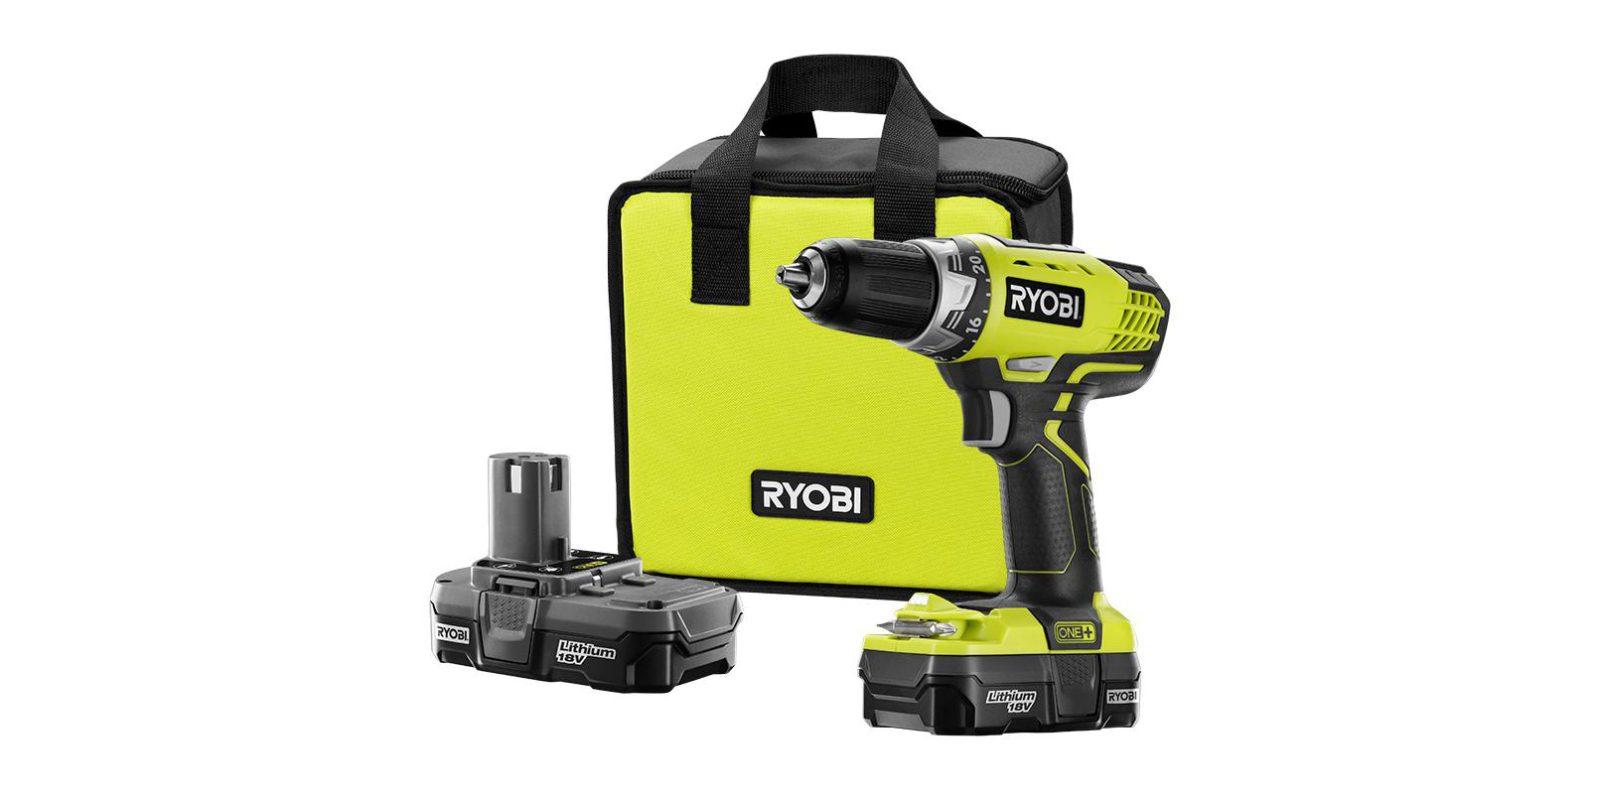 Bring home Ryobi's $69 compact drill kit at $30 off